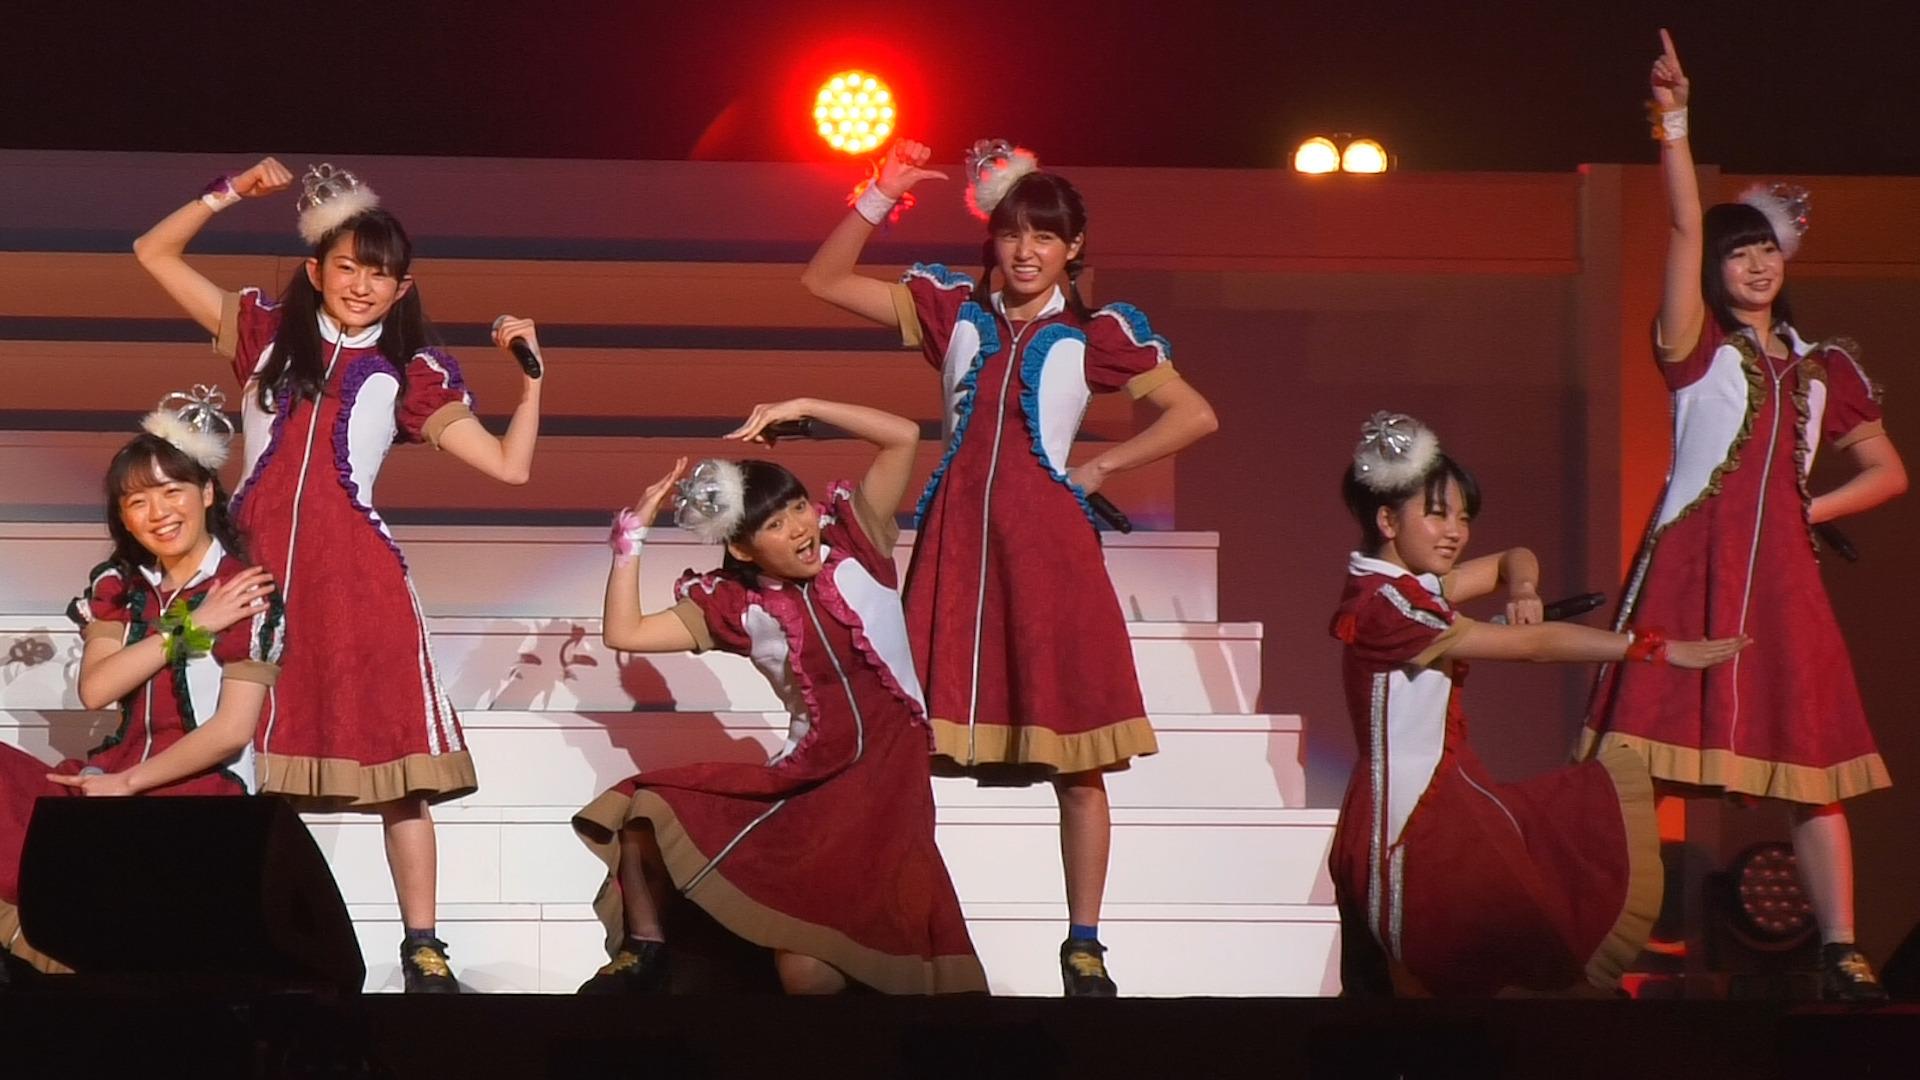 ばってん少女隊 が日本武道館で元気いっぱいのパフォーマンス!<第12回東京ボーイズコレクション>